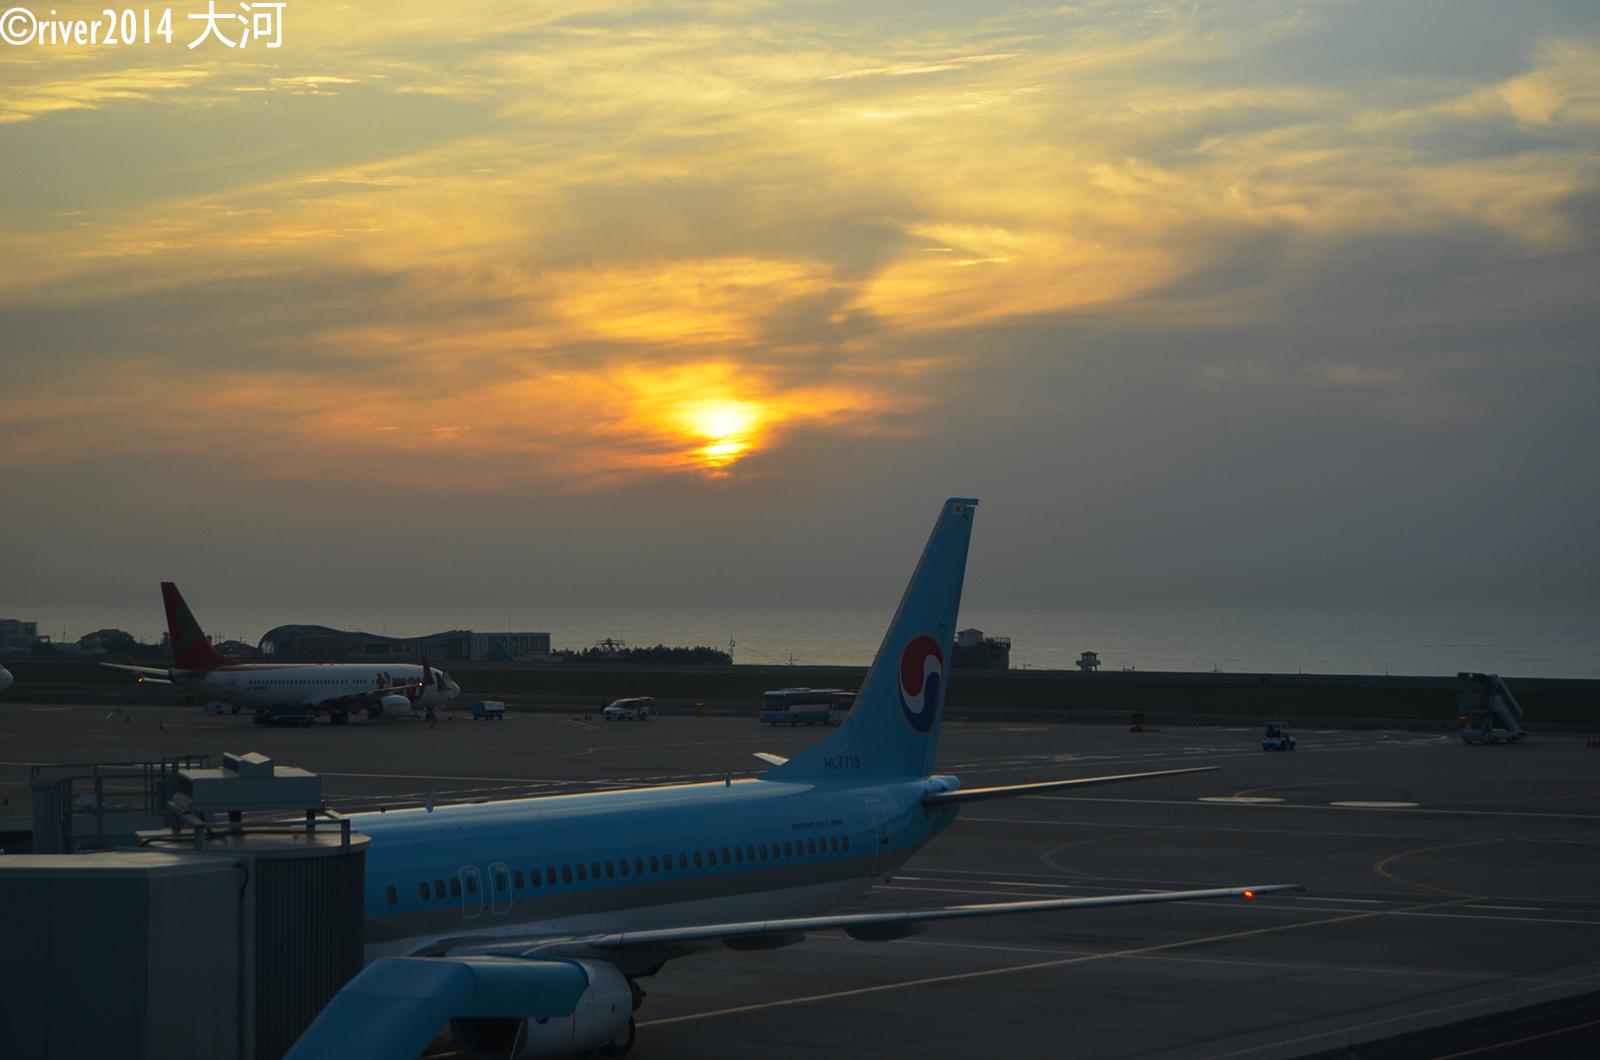 济州岛 到达济州机场,已经是日落时分.